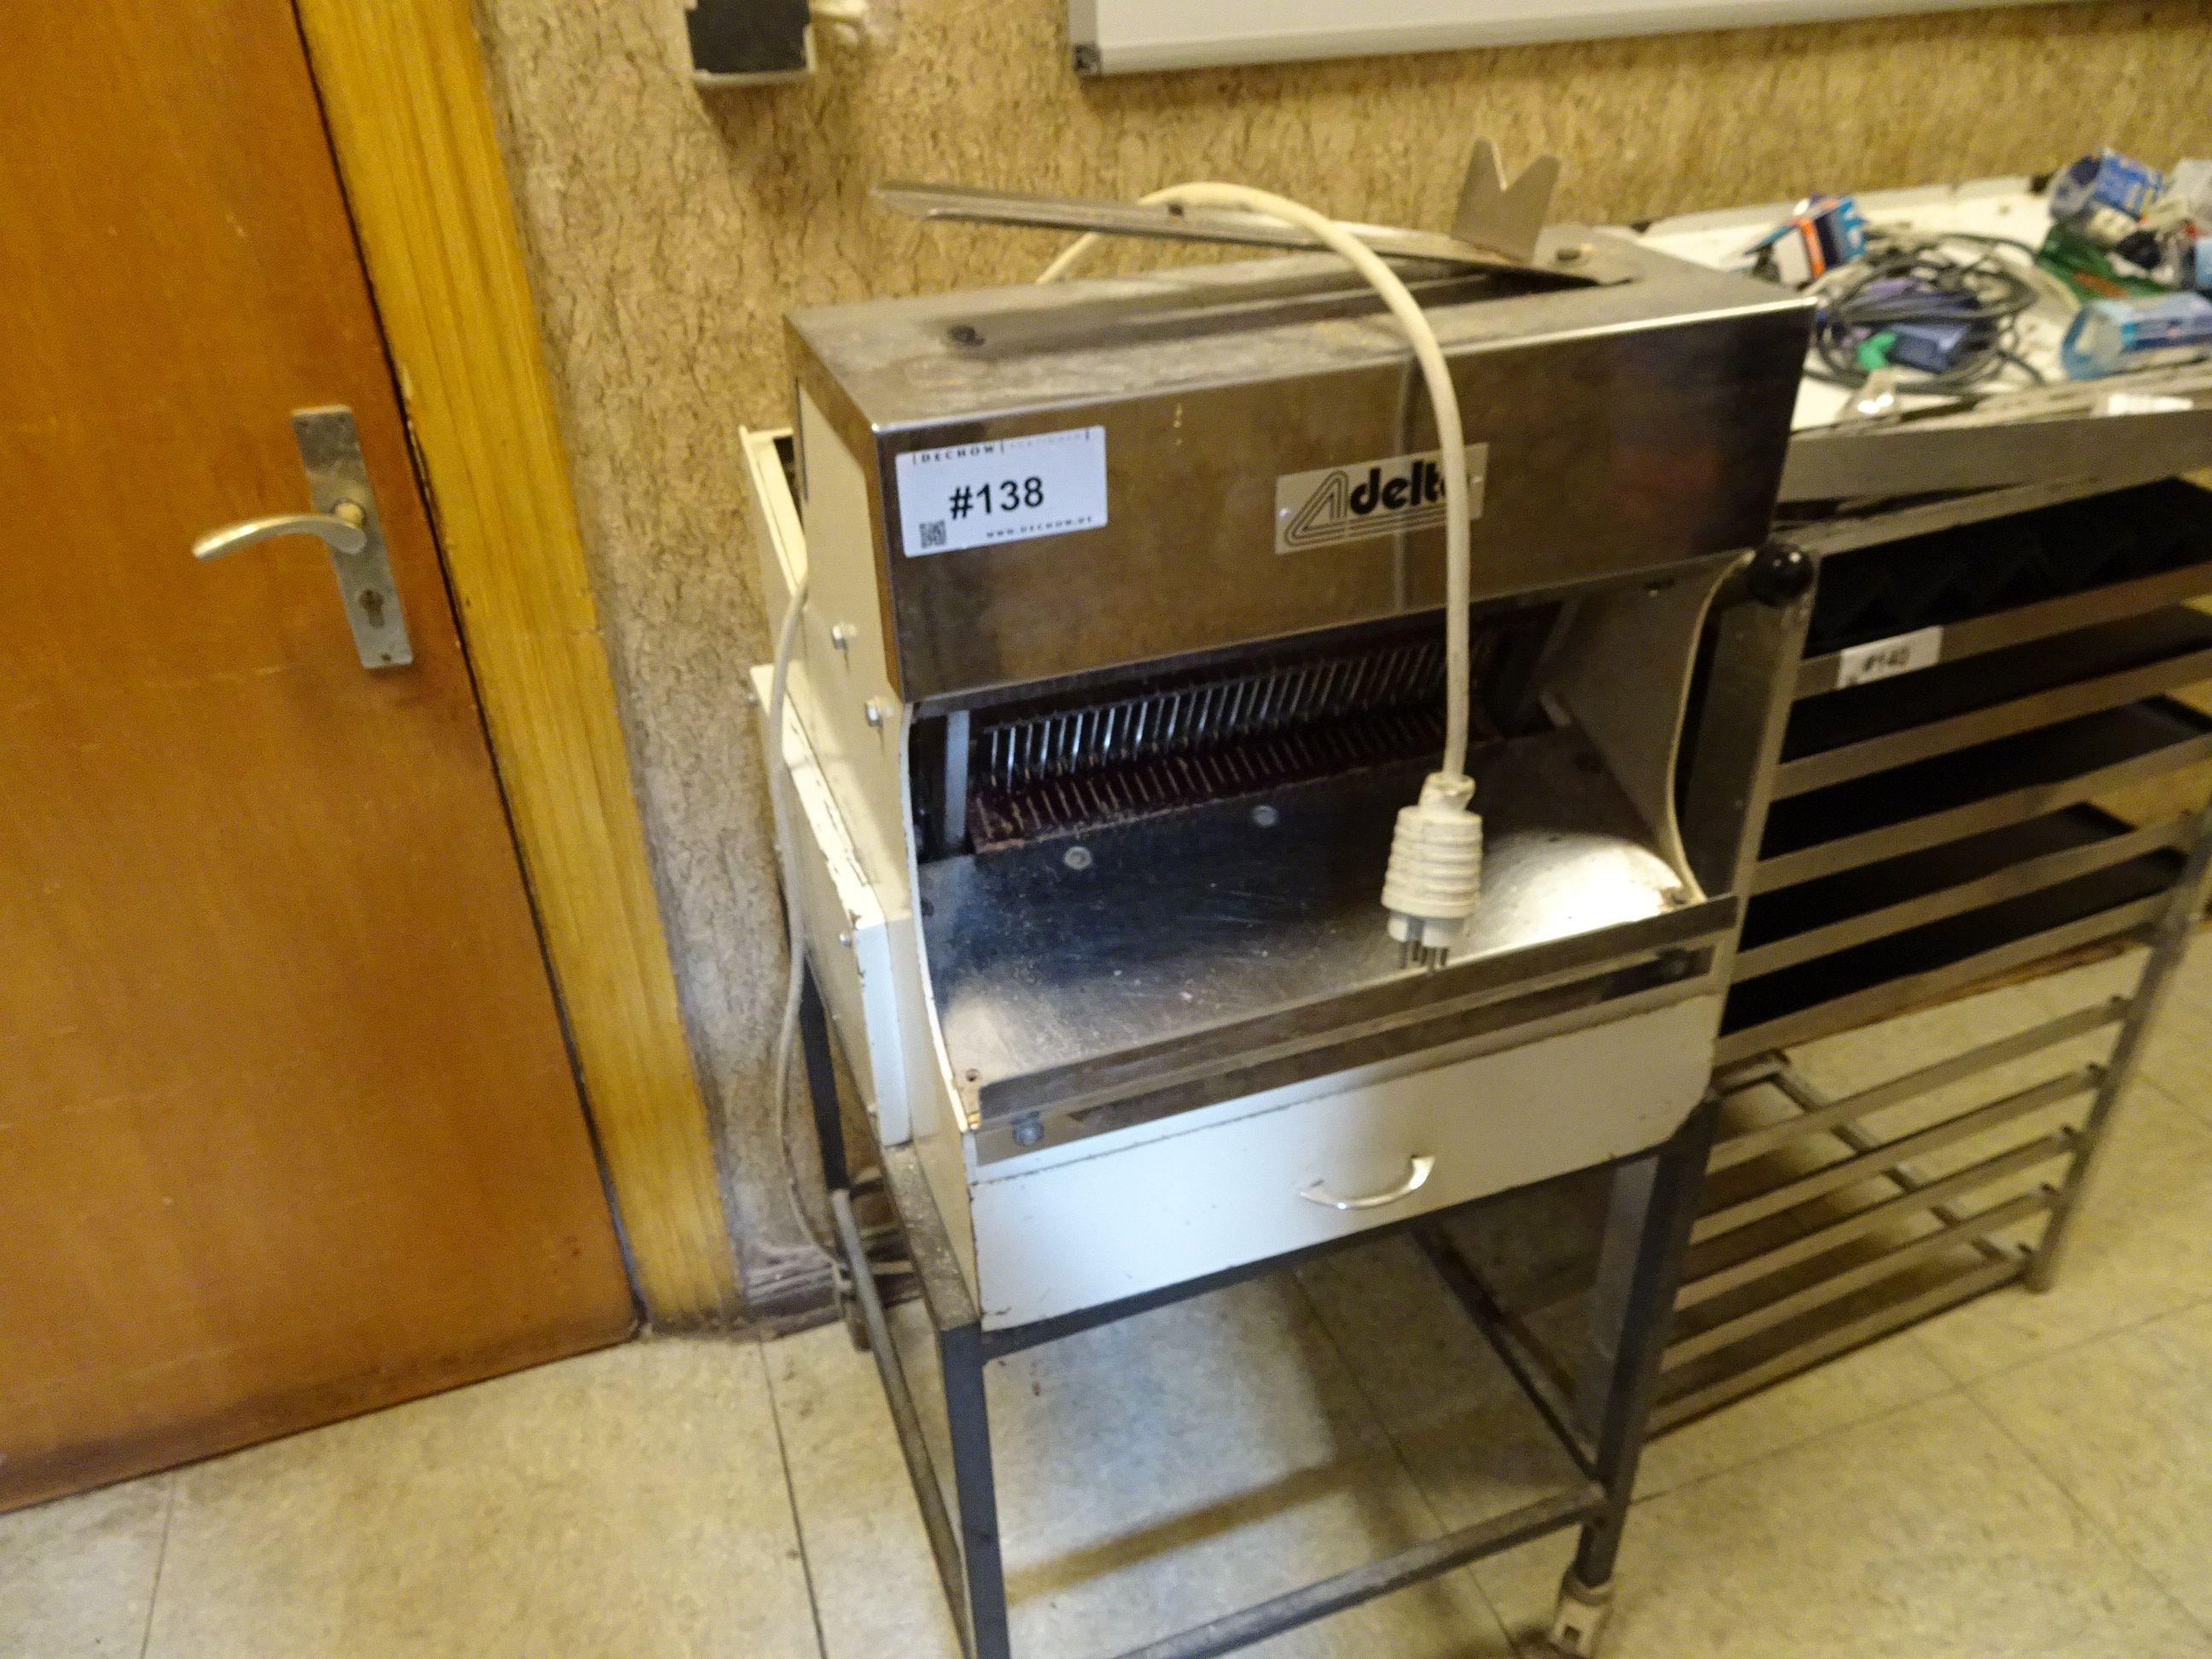 1 Brotschneidemaschine Delta DT 4010